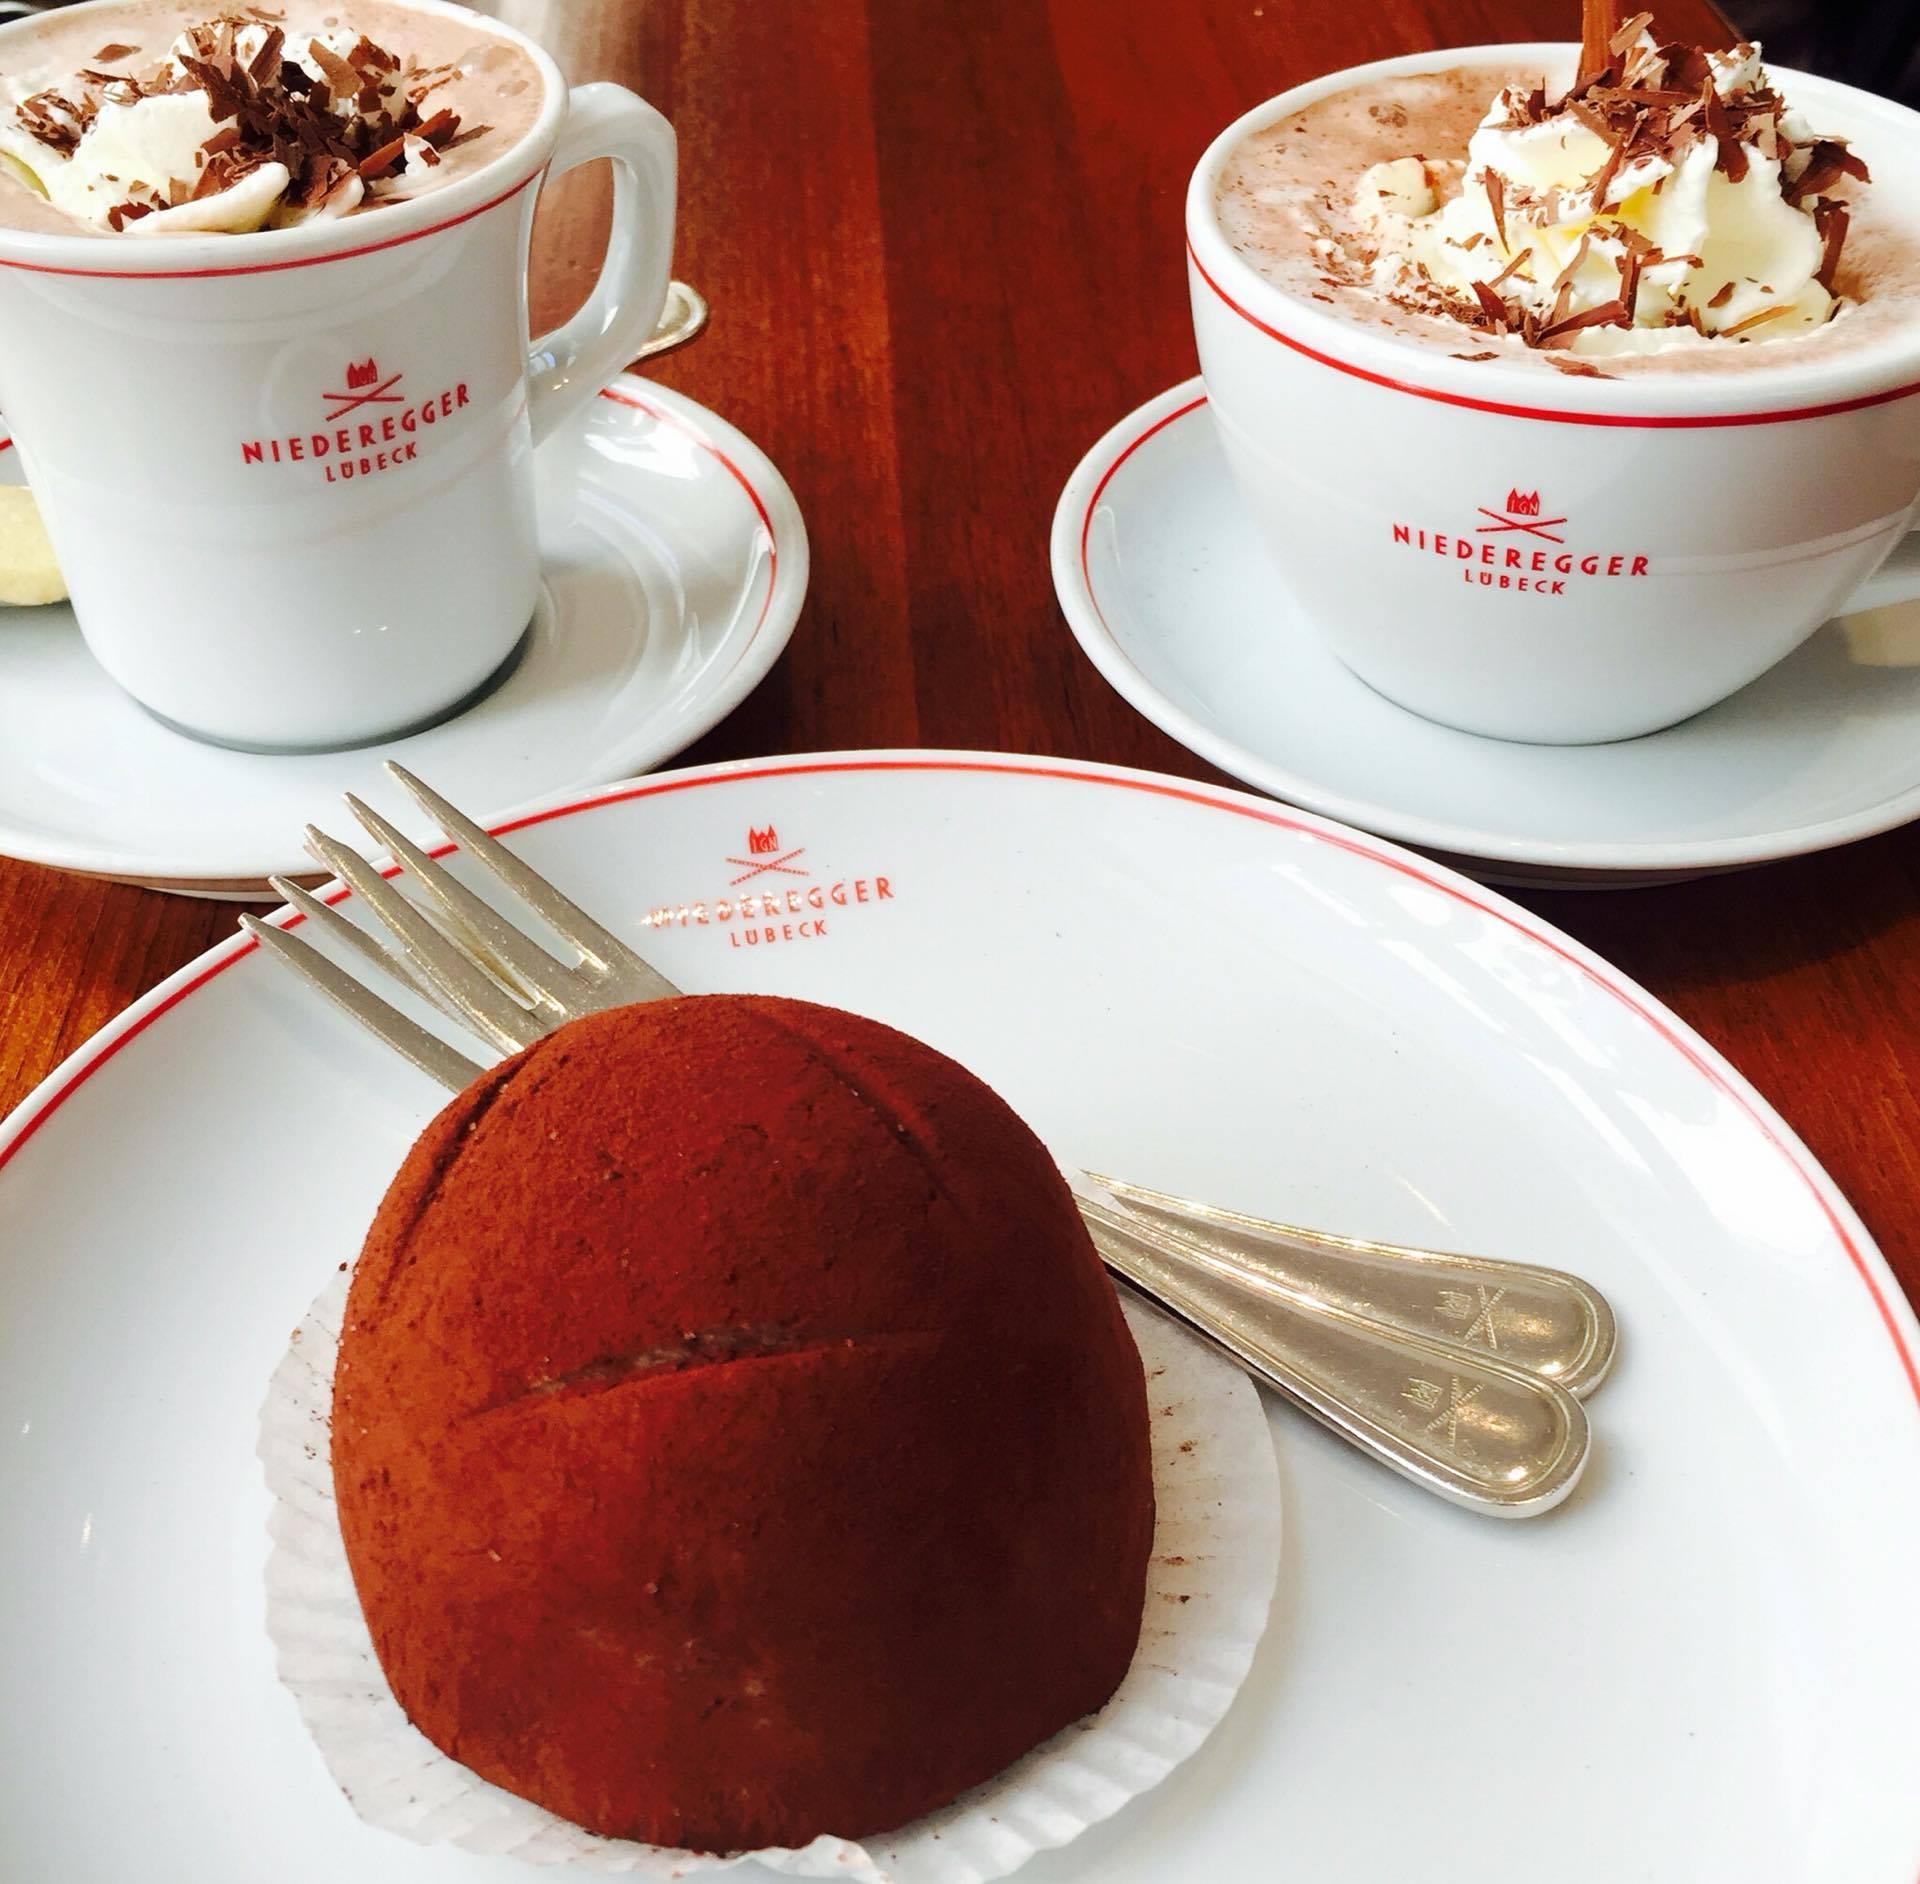 Unbedingt im Café Niederegger vorbeischauen und das berühme Marzipan probieren